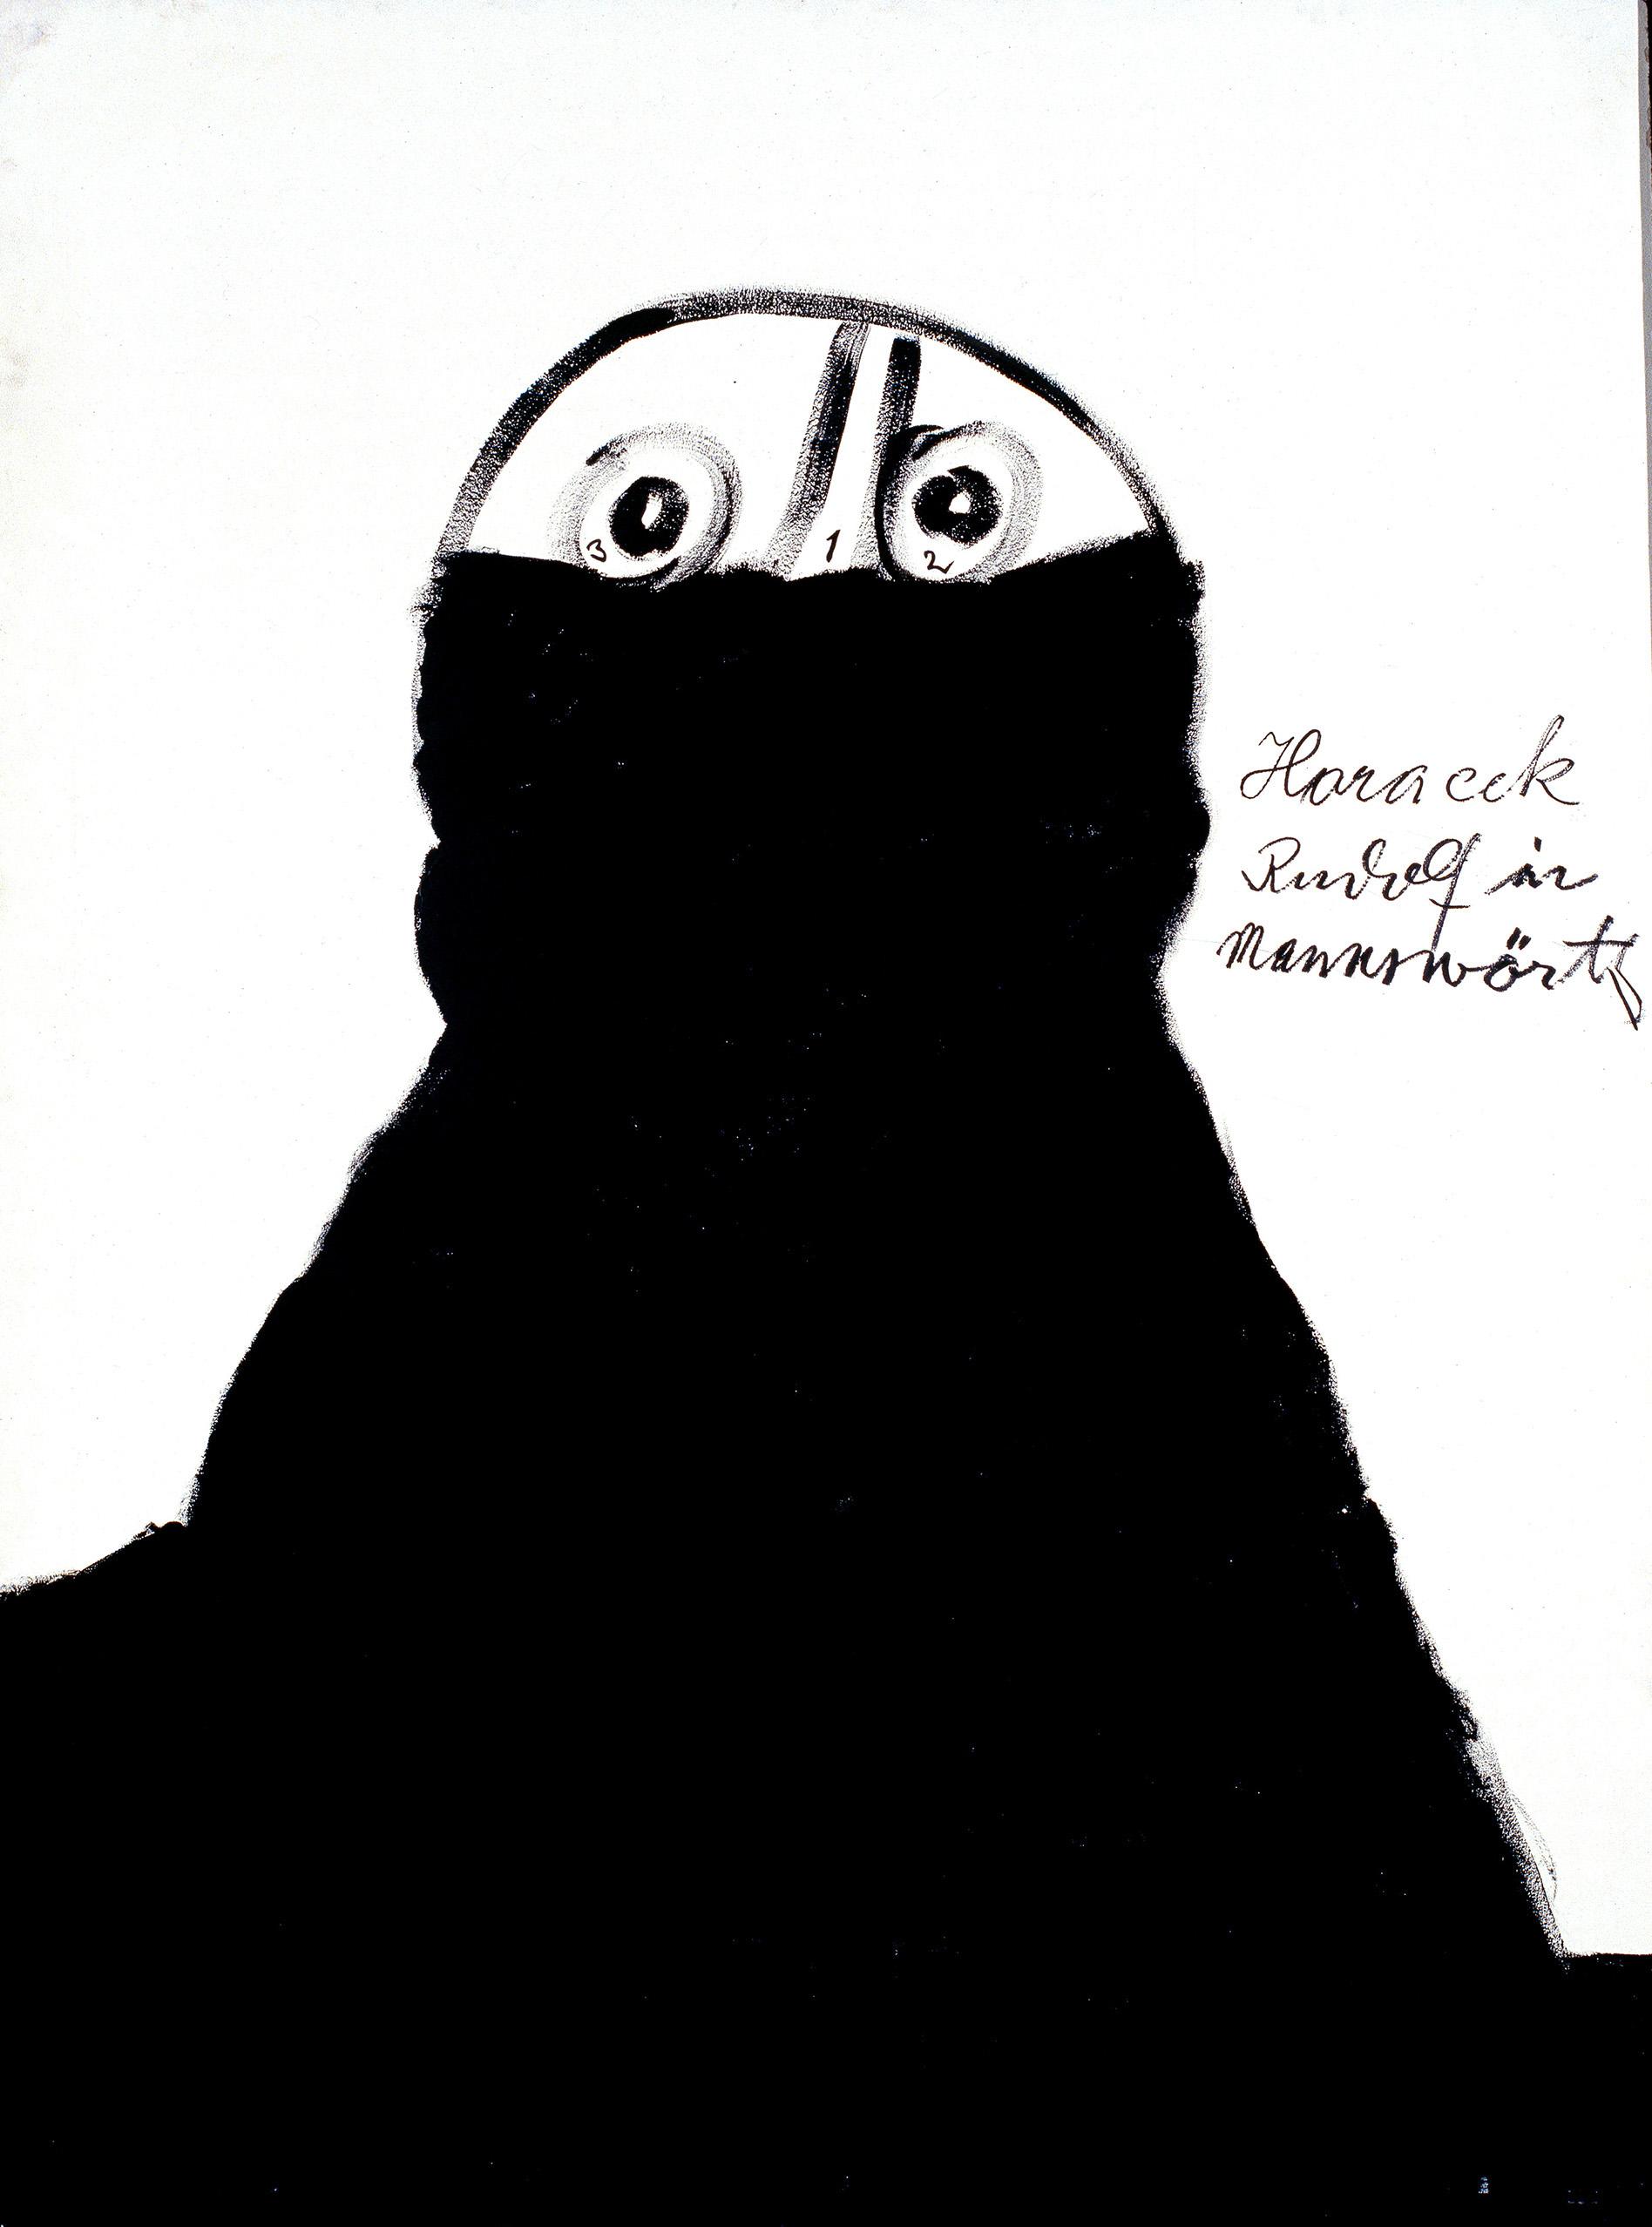 Rudolf Horacek, Rudolf Horacek in Mannswörth, 1984 © Privatstiftung – Künstler aus Gugging